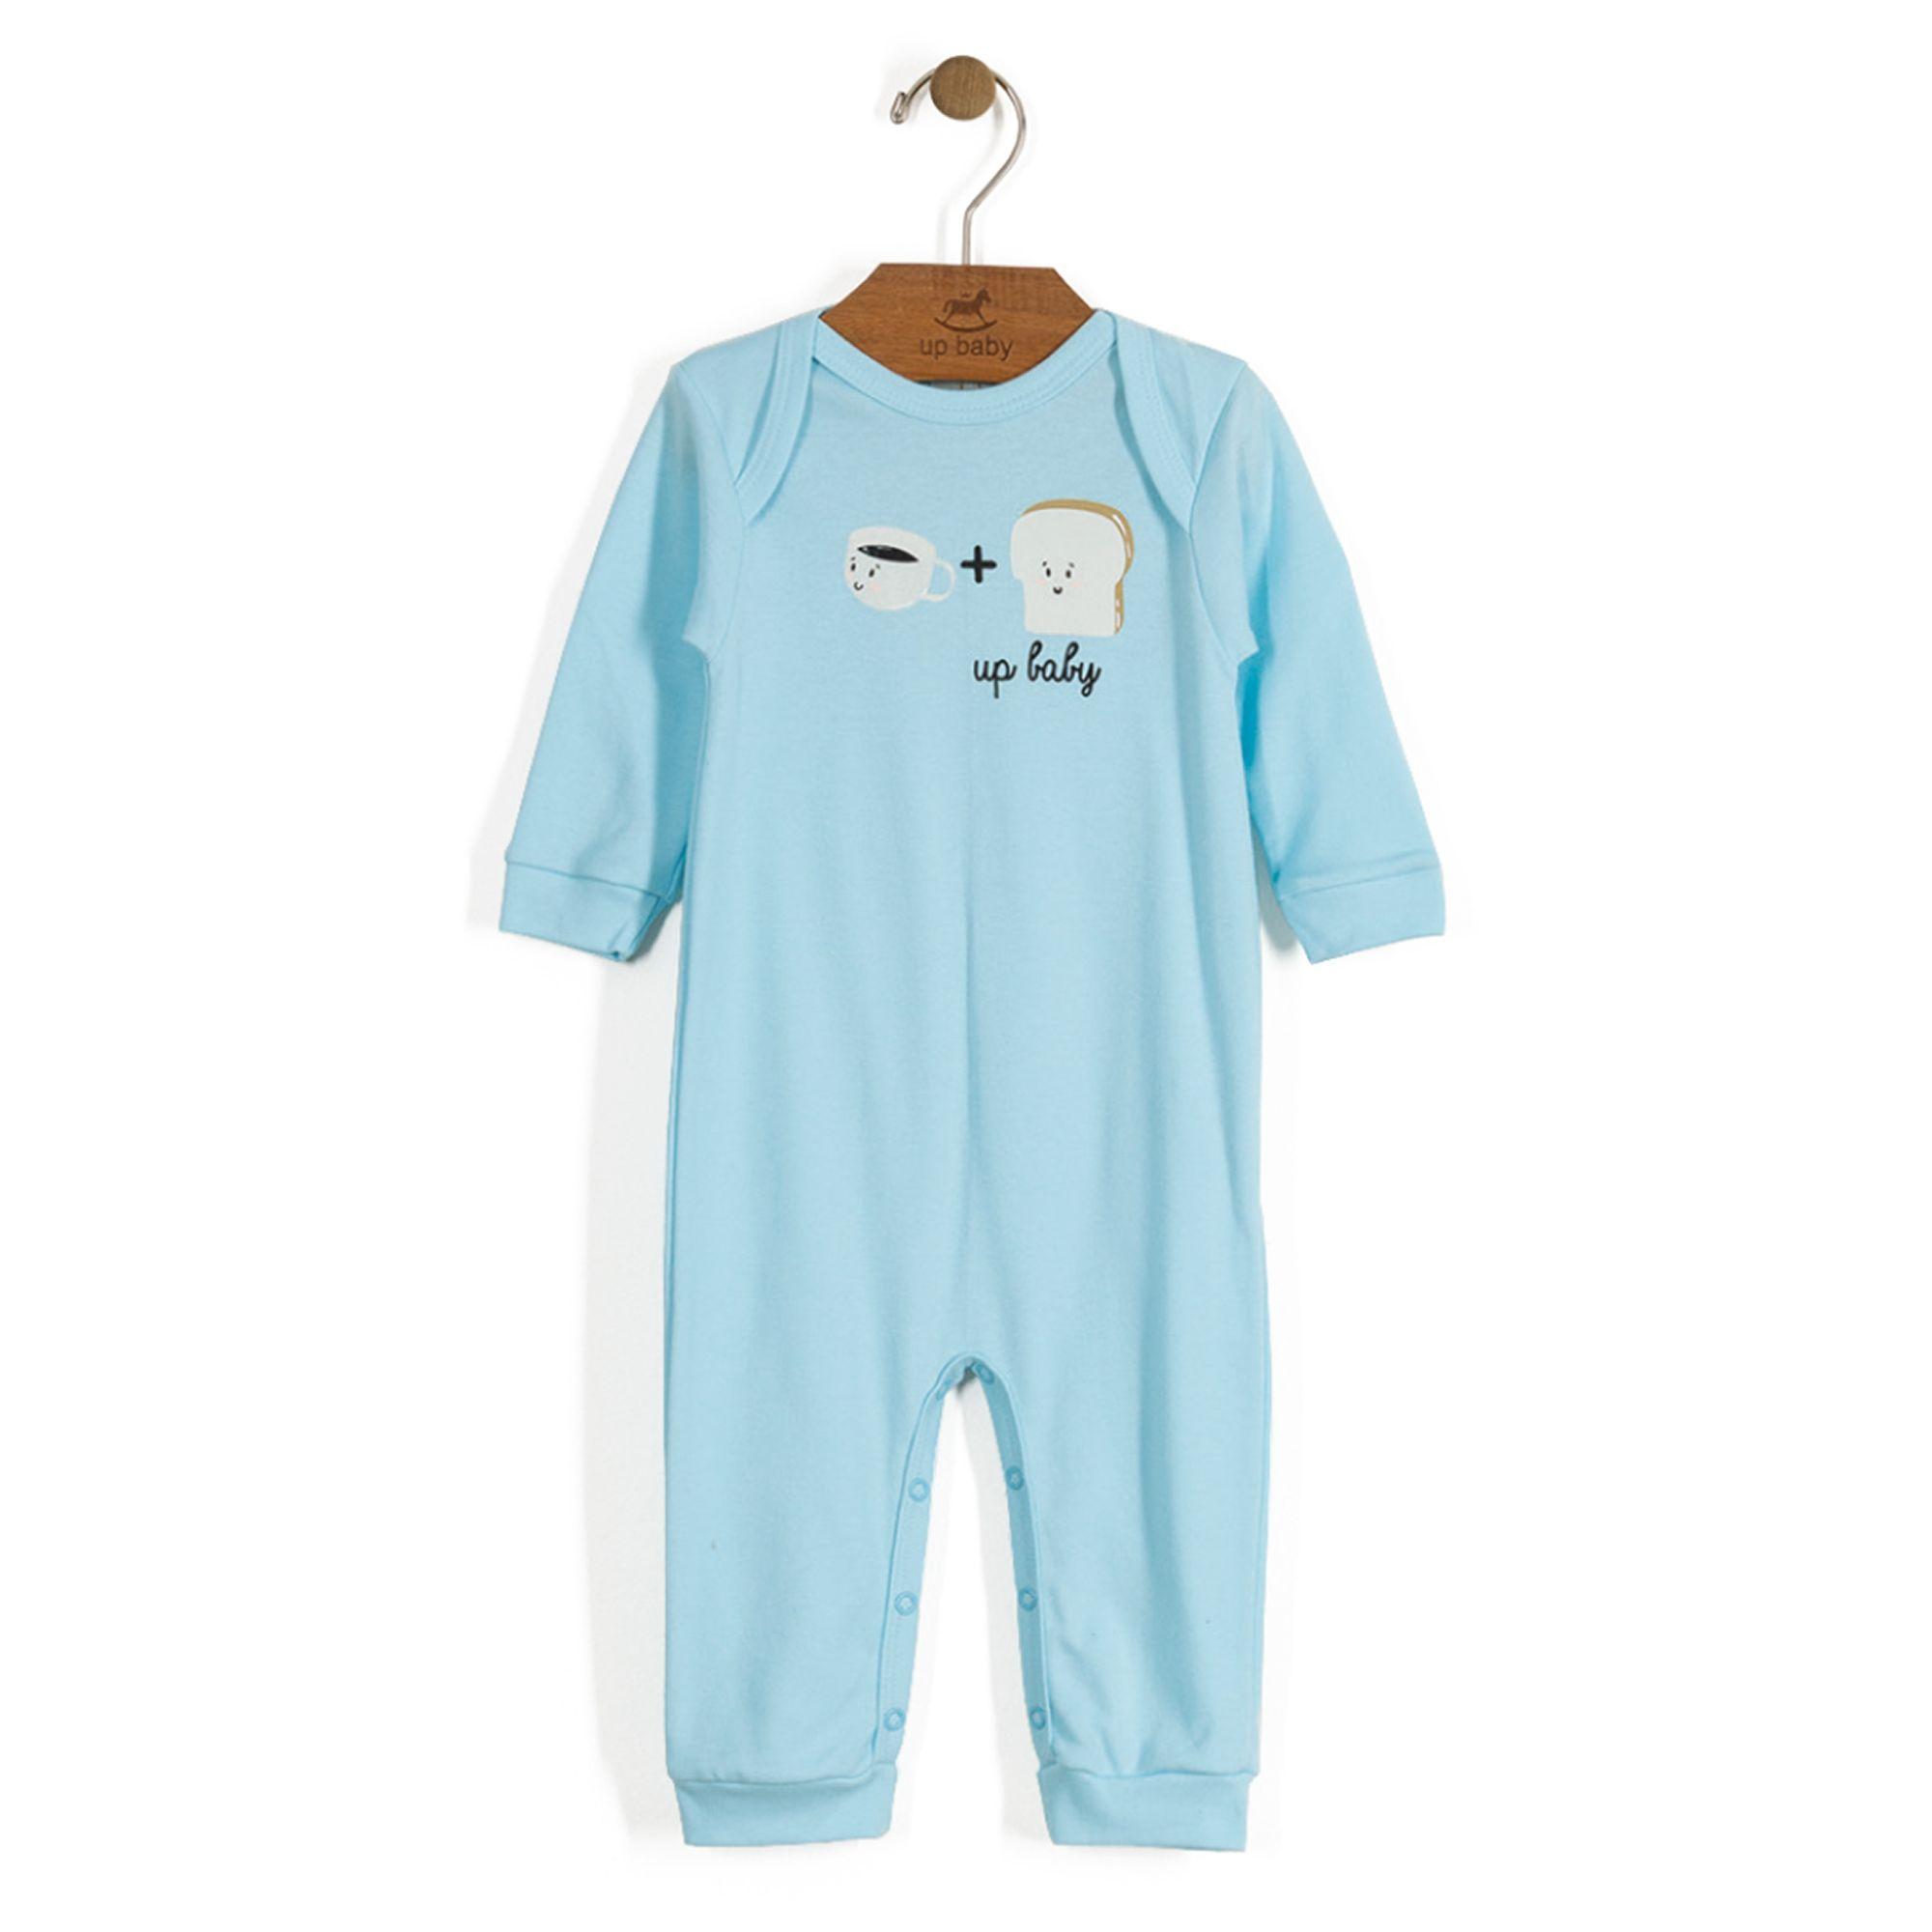 macacao-azul-claro-up-baby-suedine-manga-longa